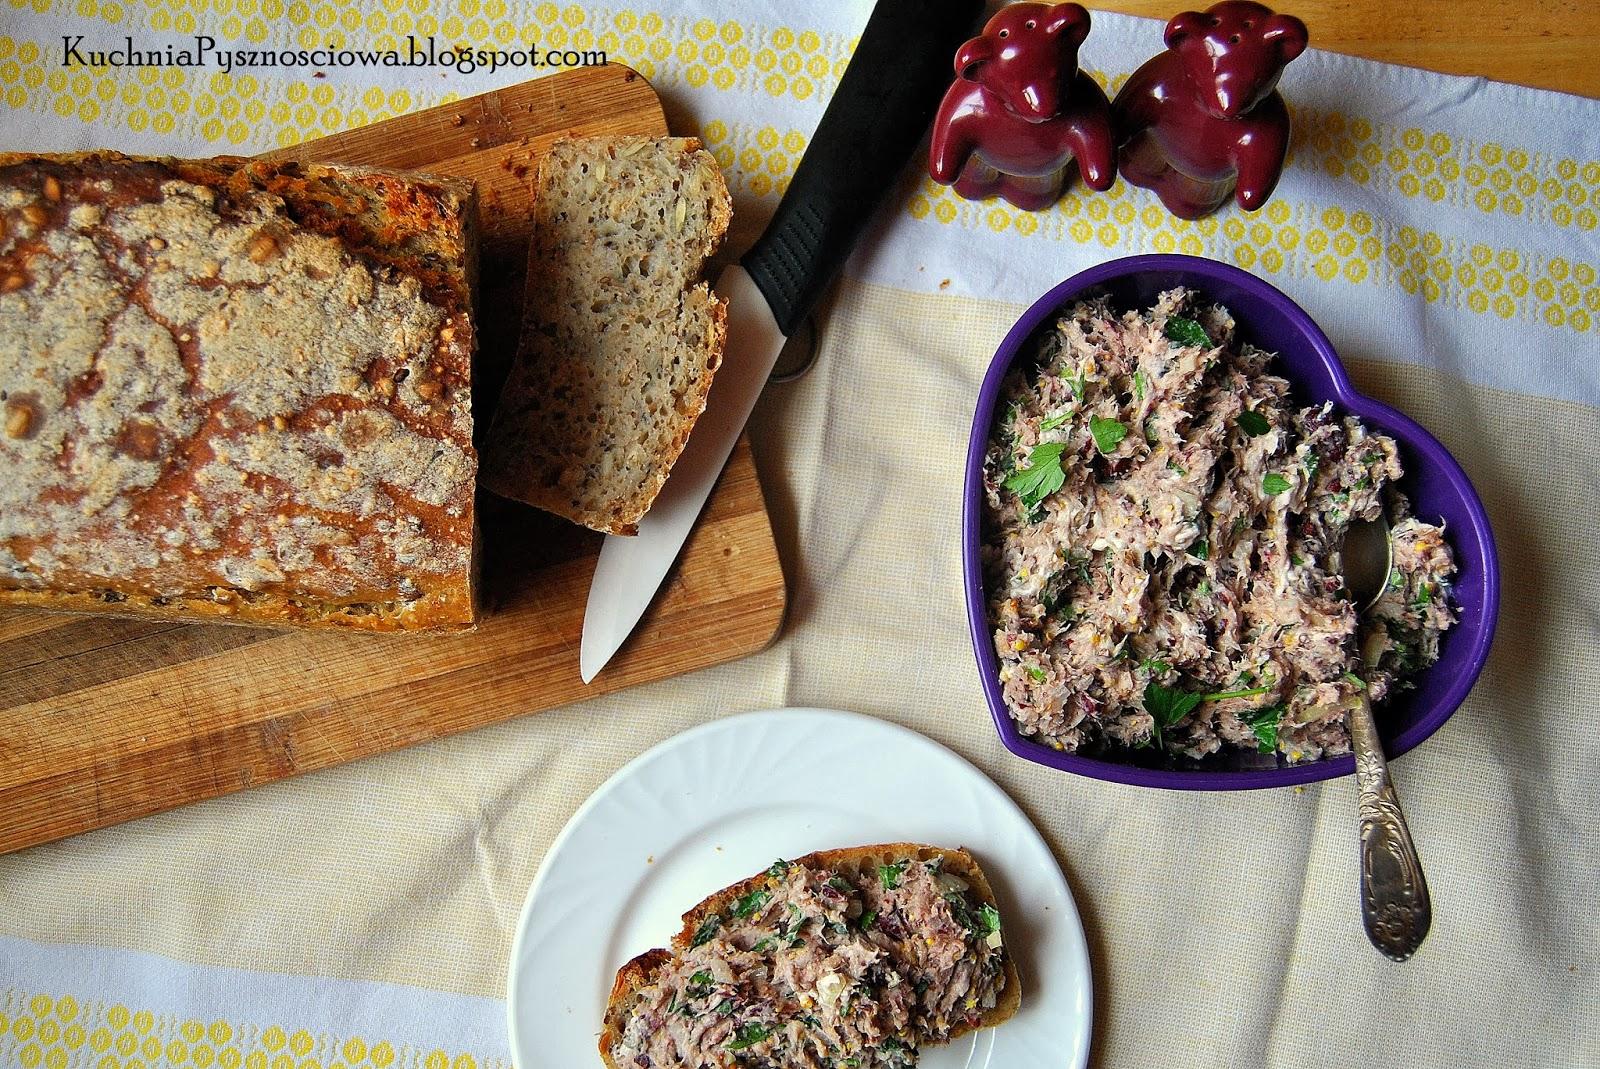 178. Pasta kanapkowa z czerwonej fasoli i wędzonej makreli